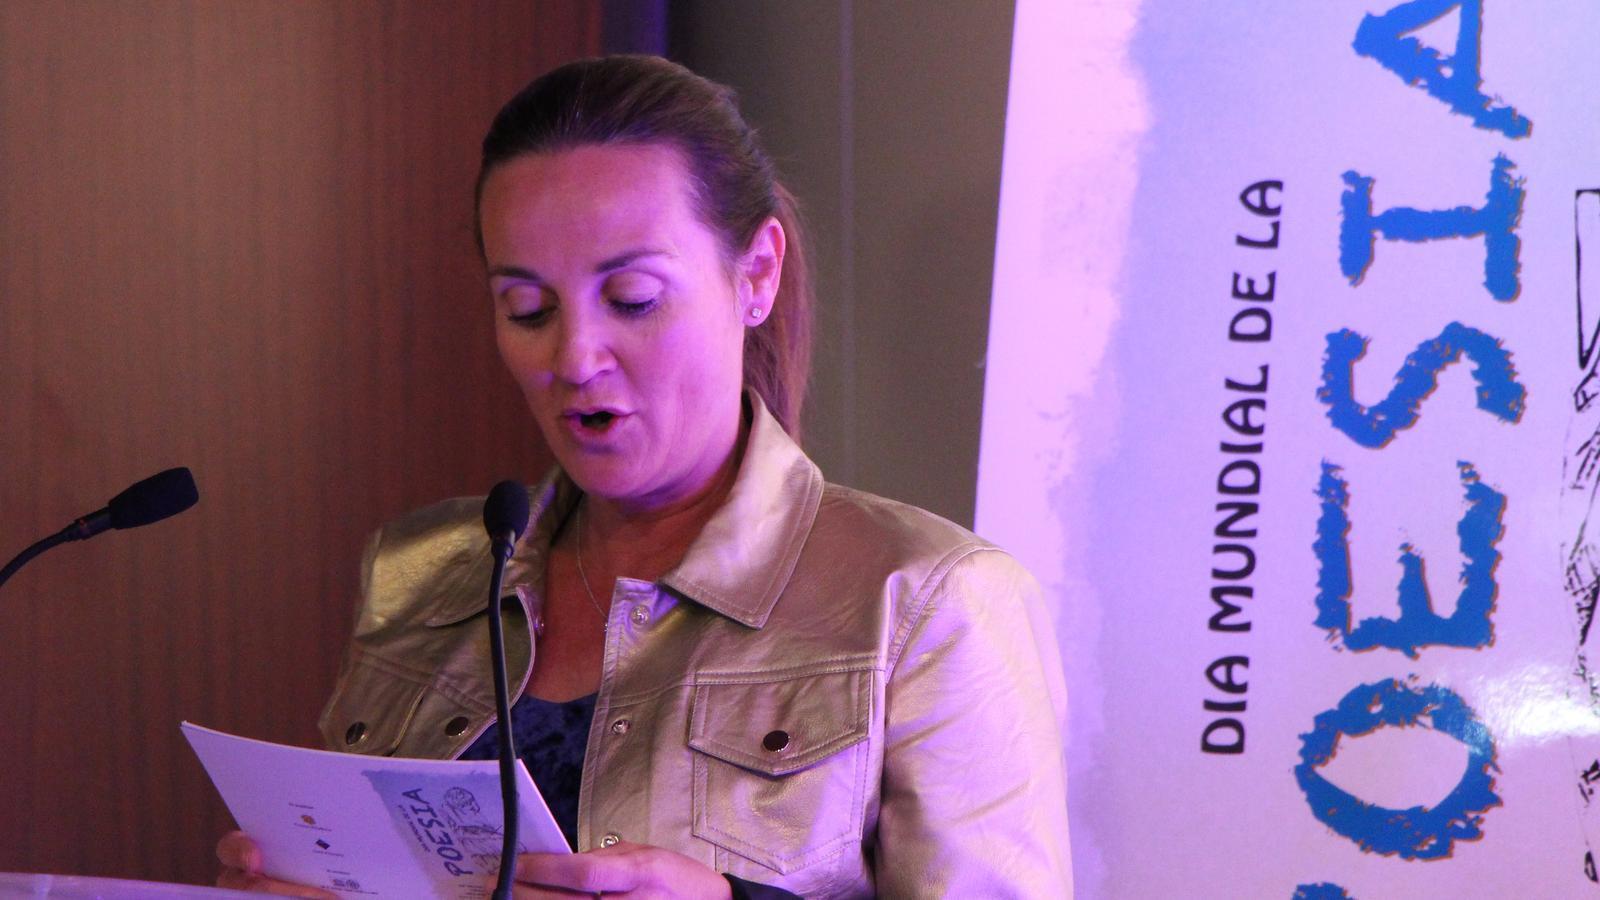 La ministra de Cultura, Joventut i Esports en funcions Olga Gelabert, recita el poema 'Poesia'. / M. R. F.